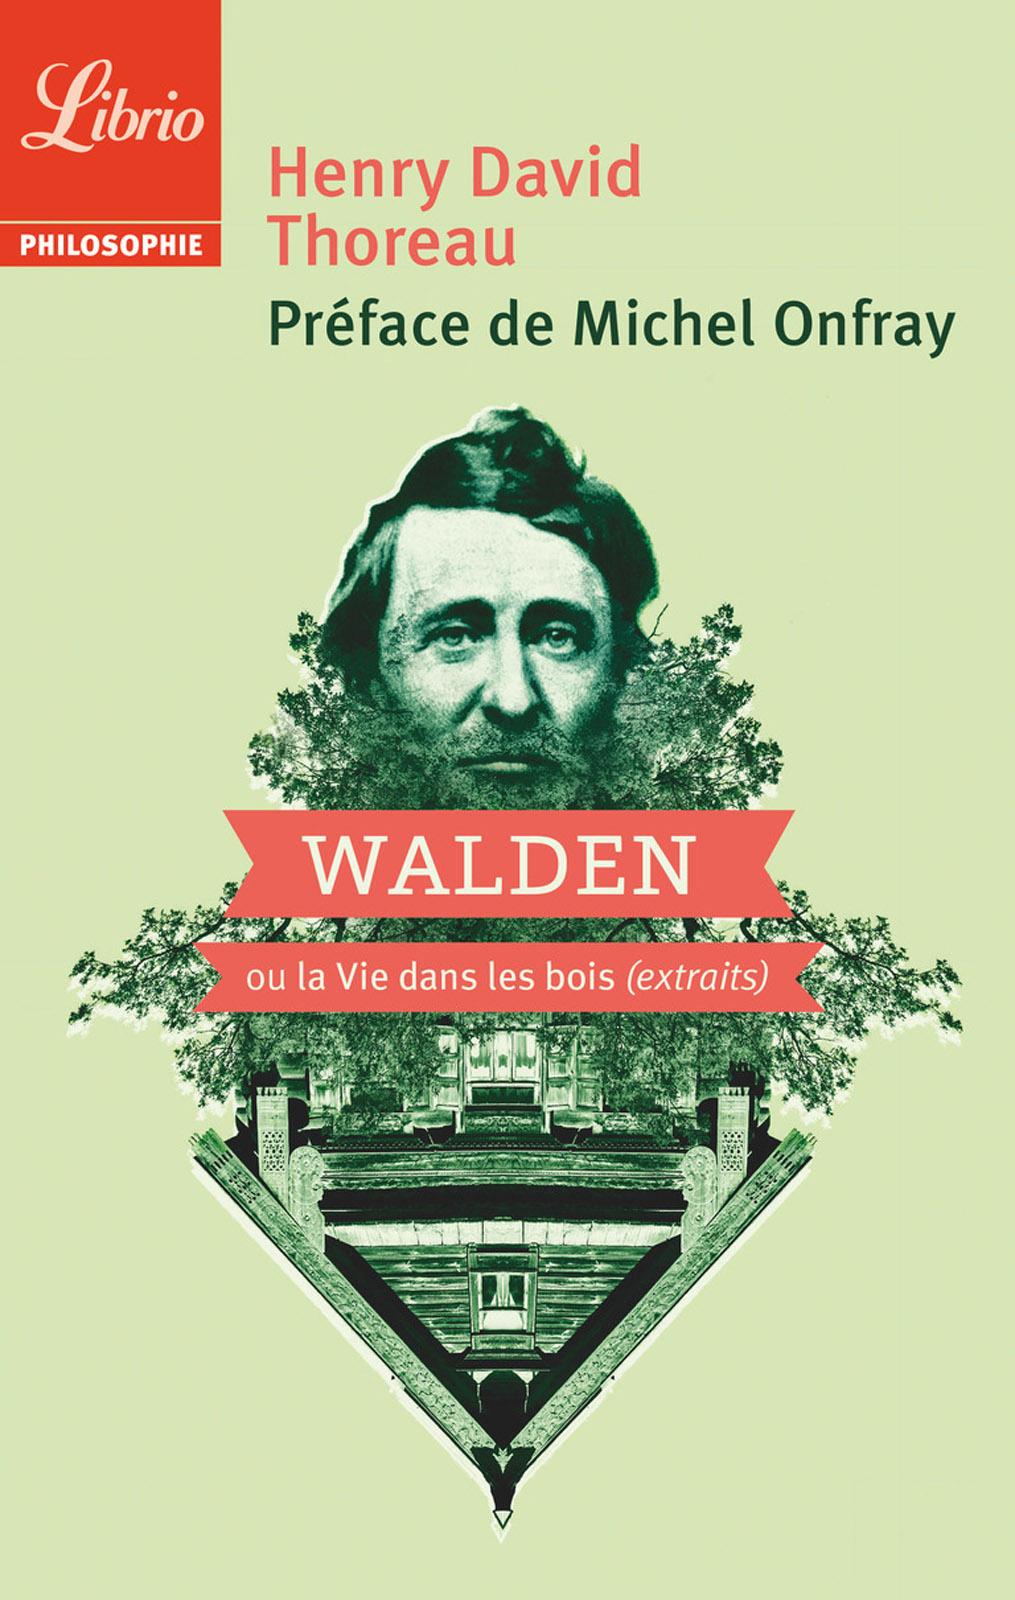 Walden. Ou la vie dans les bois